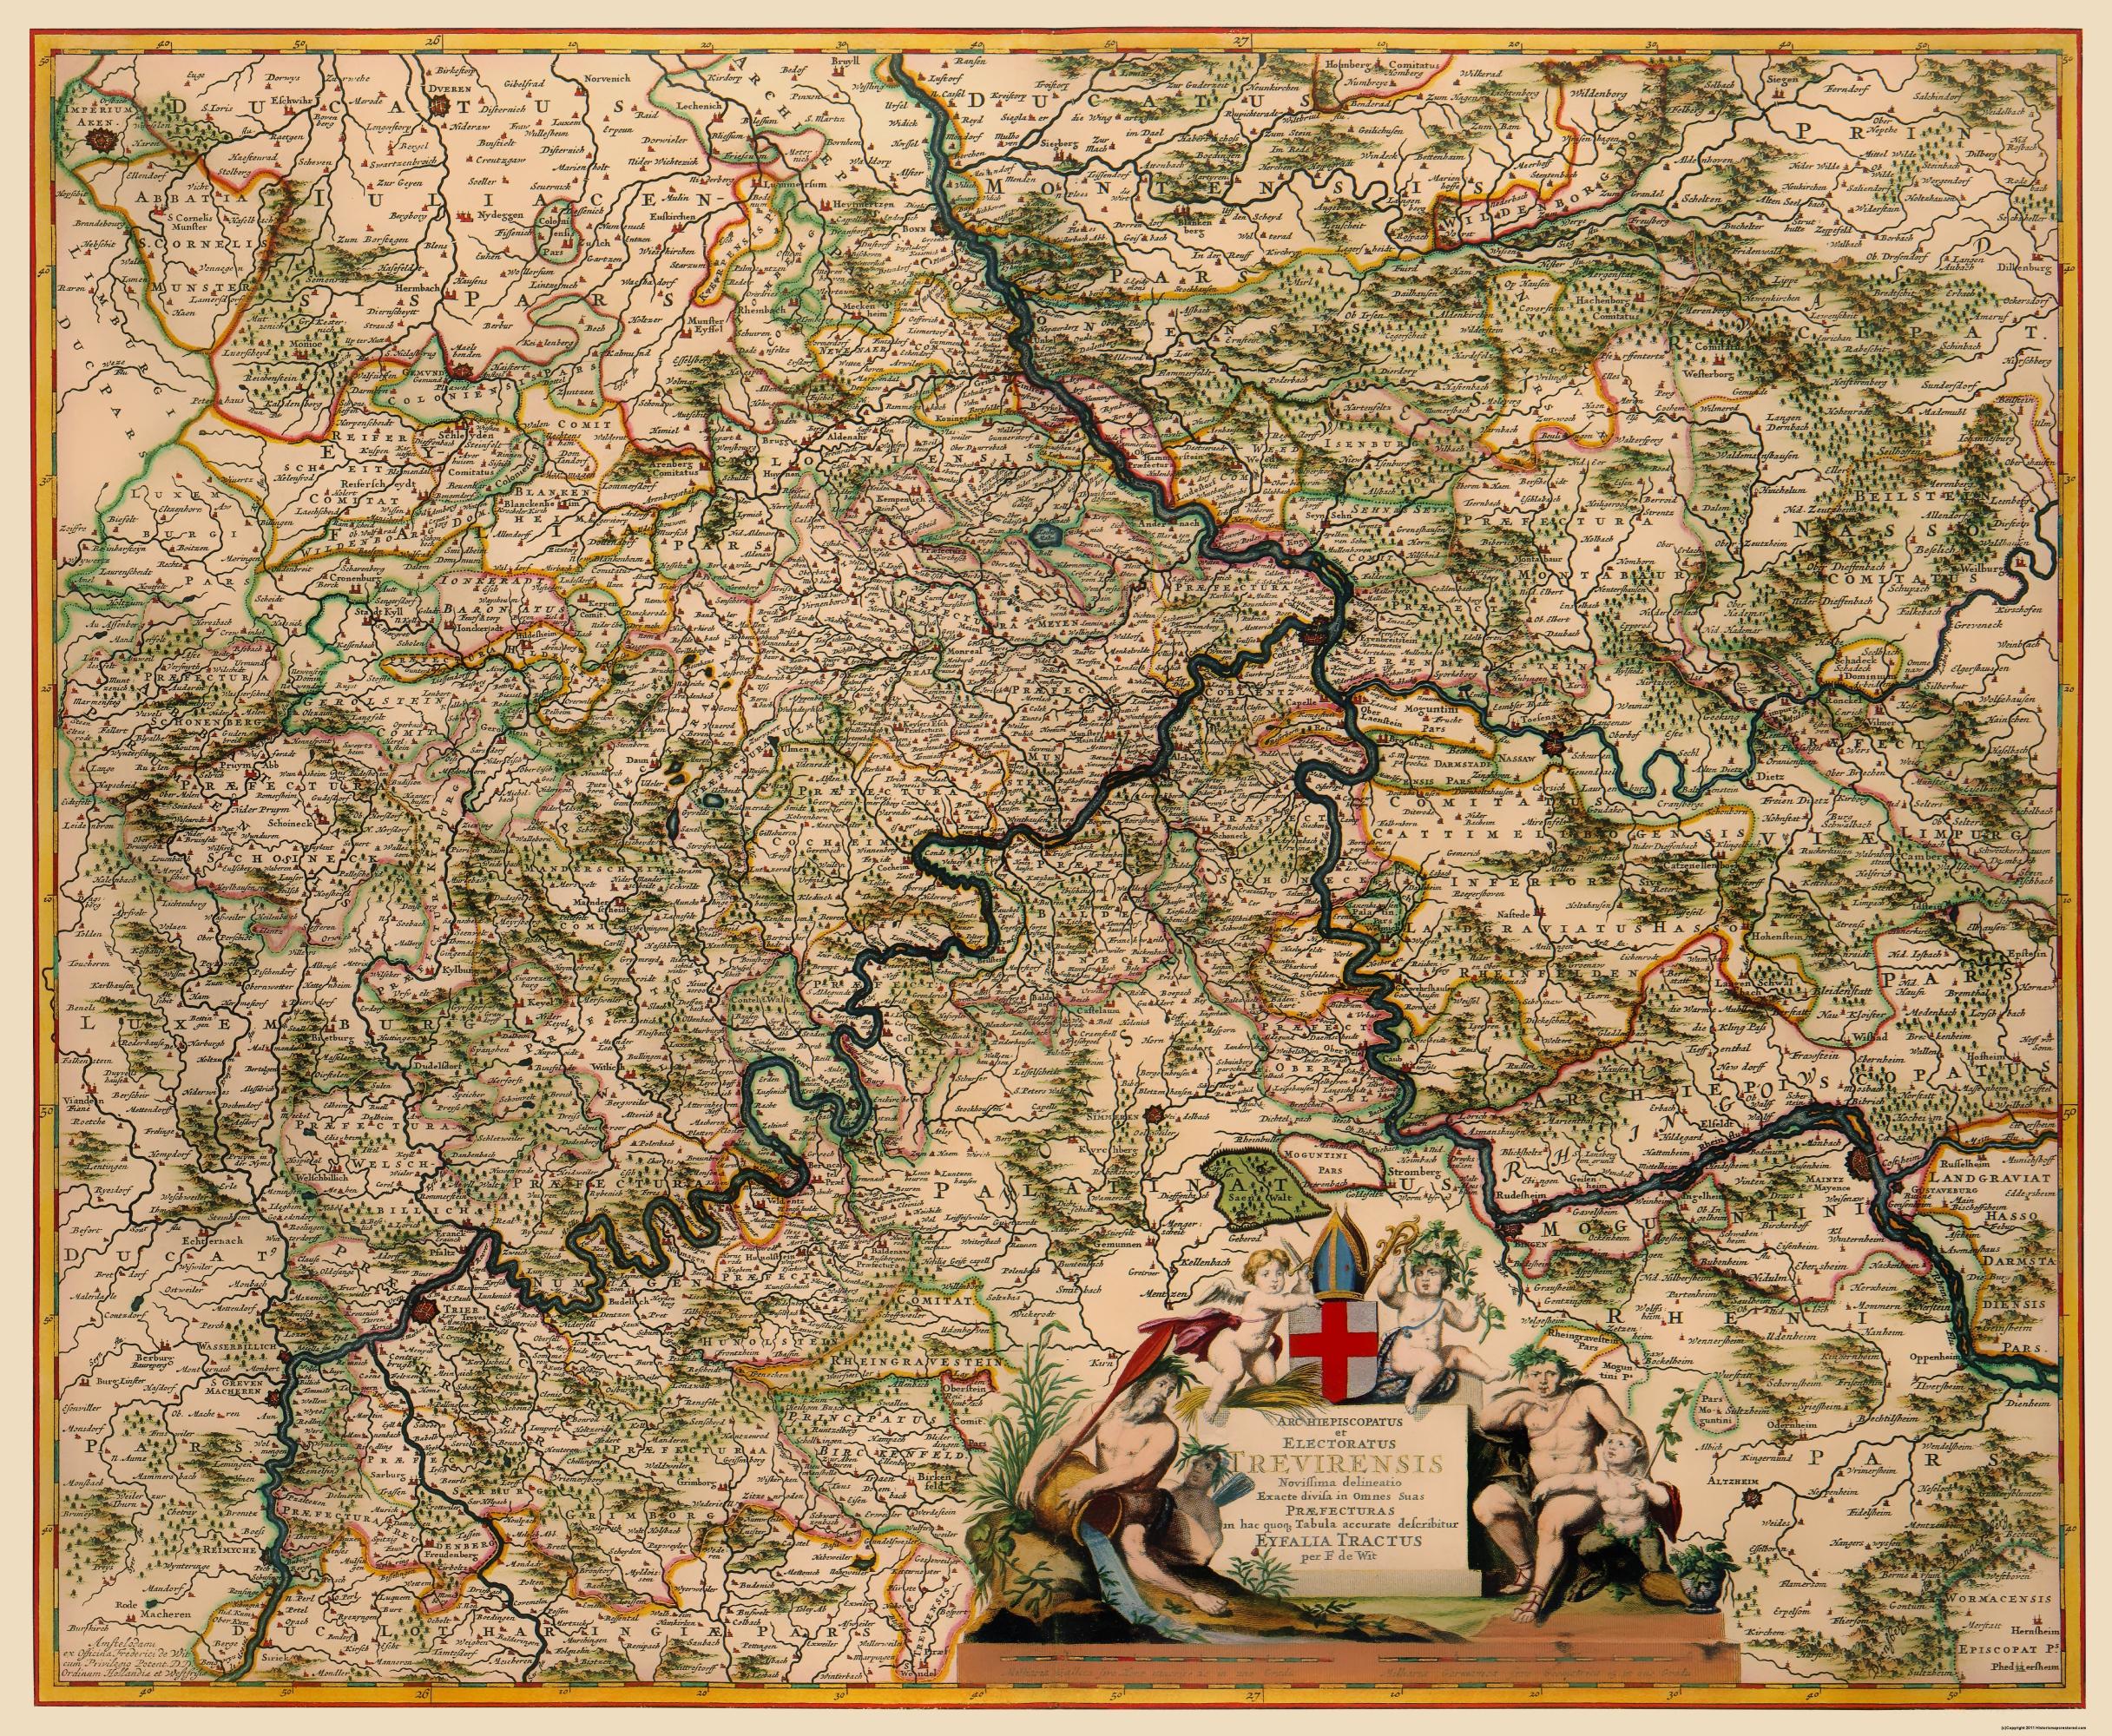 Old Germany Map Trier De Witt 1688